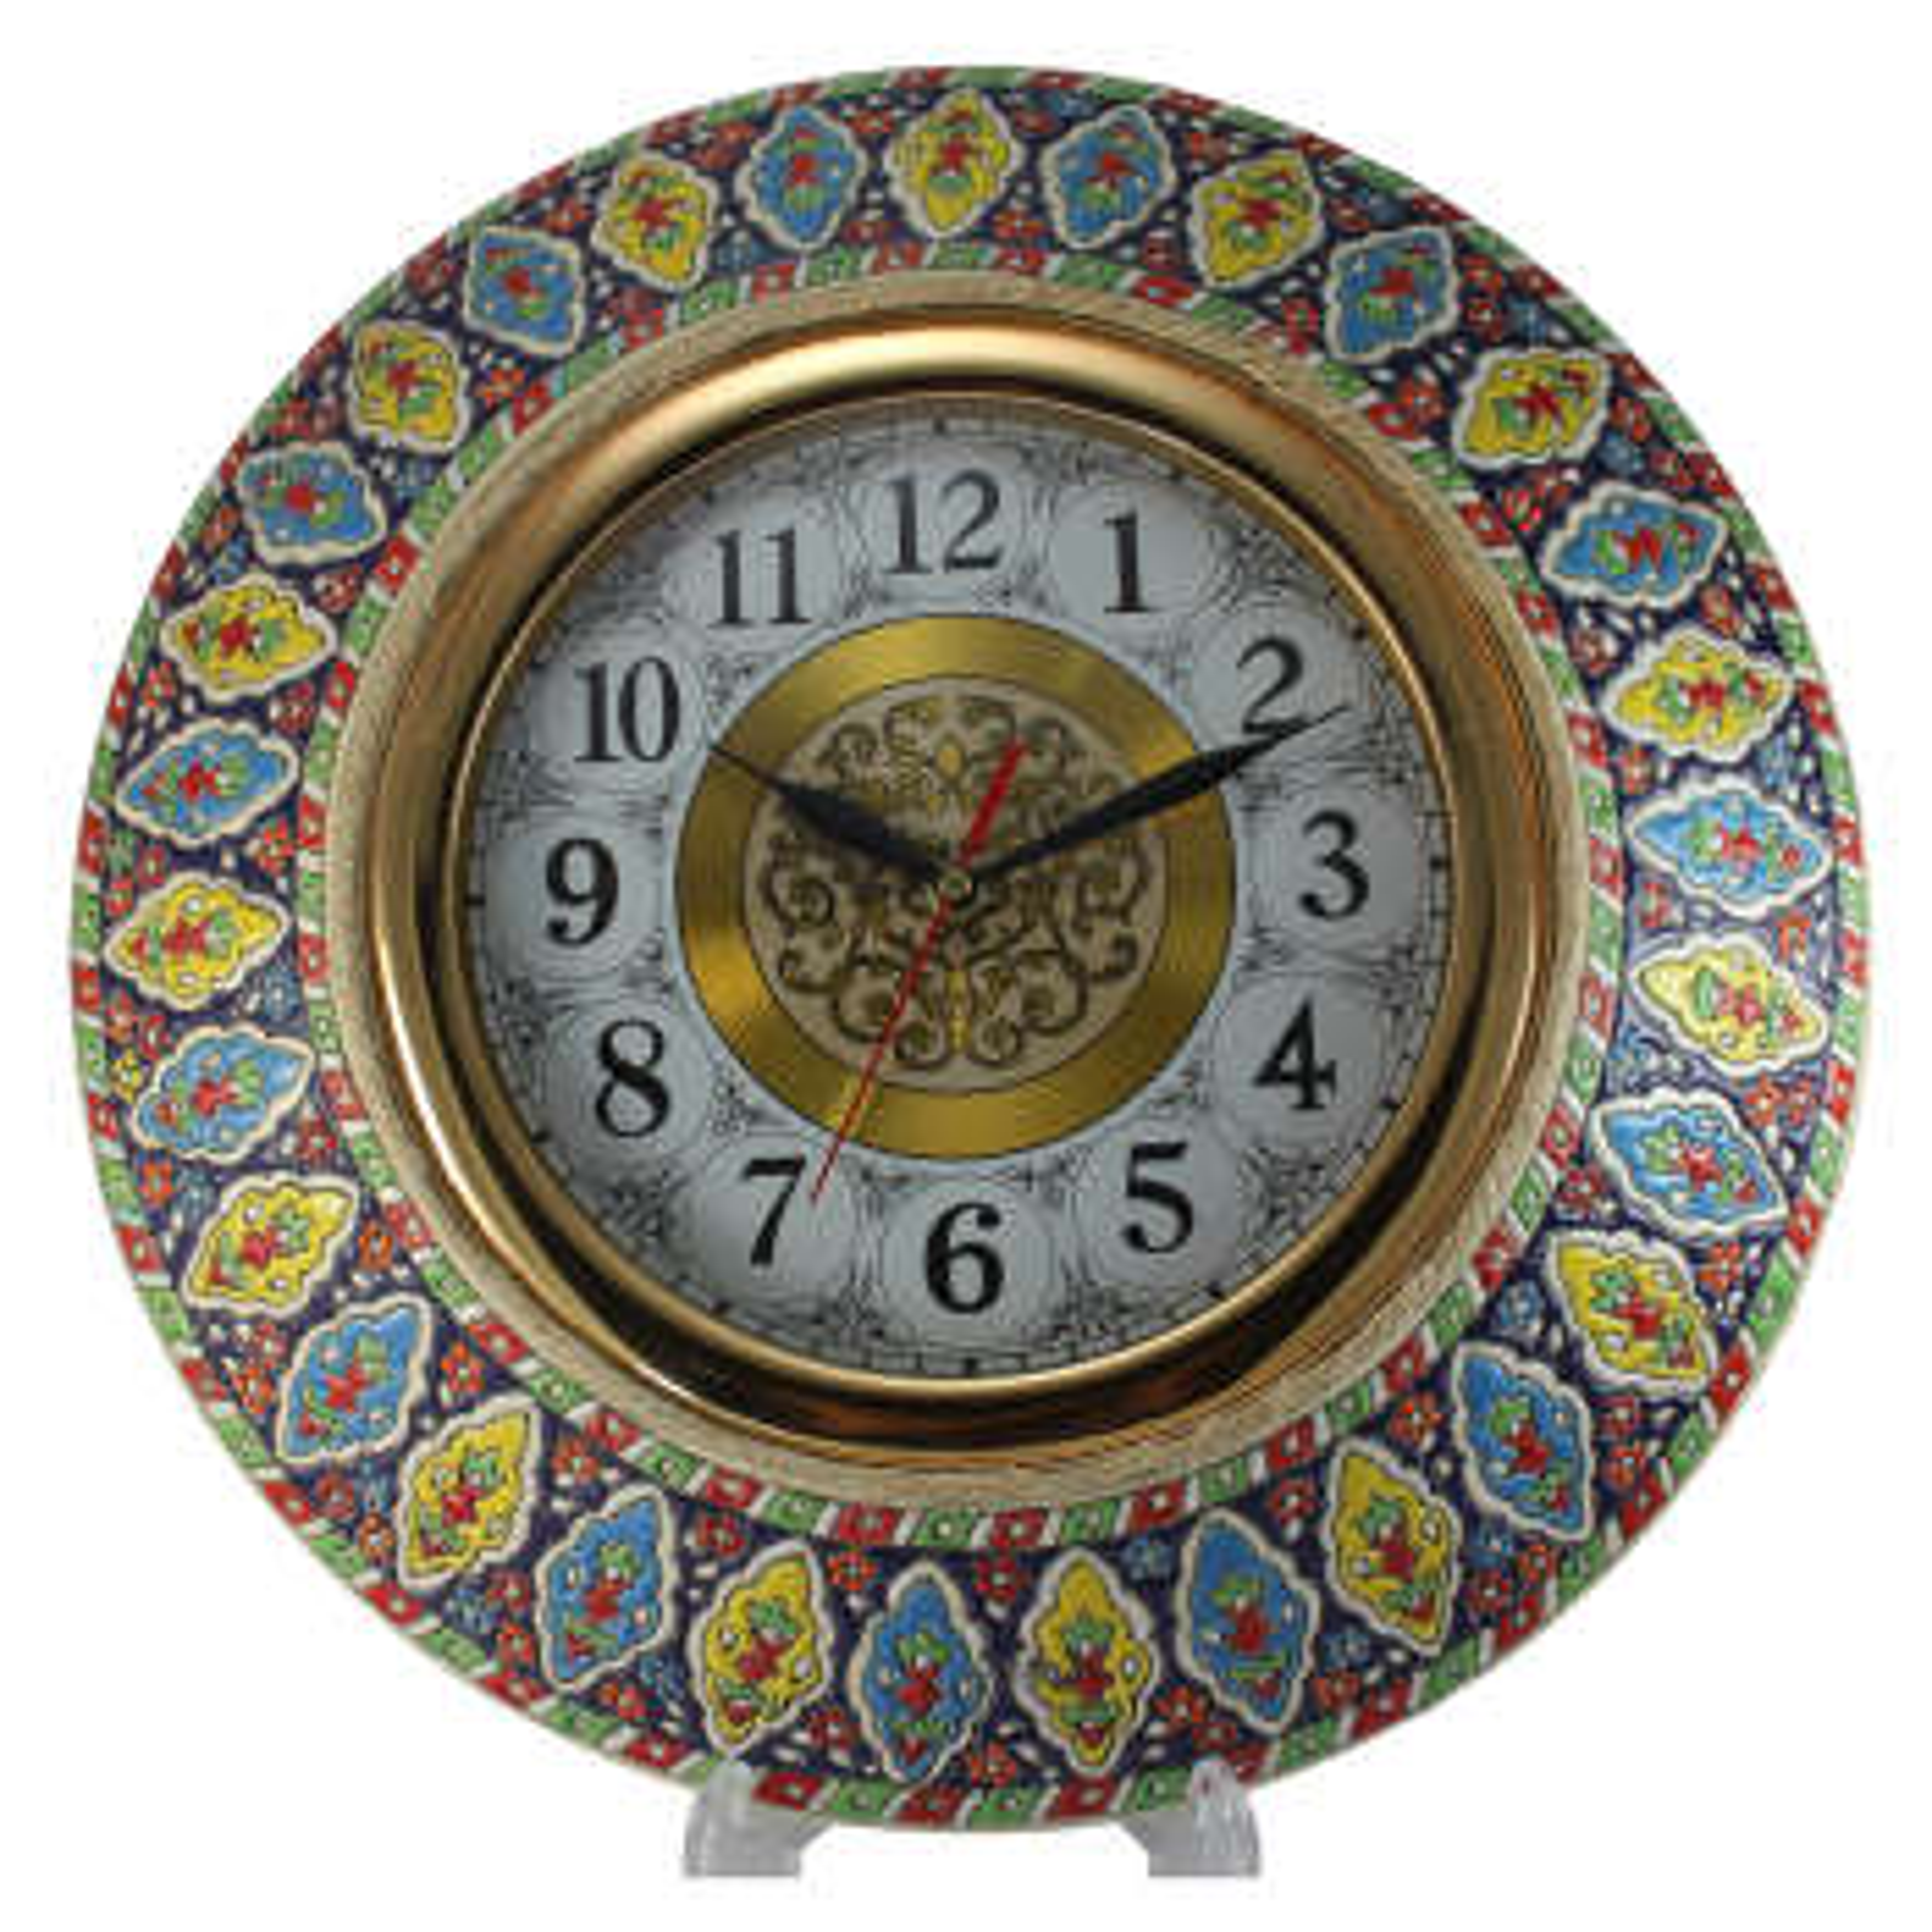 ساعت مینا کاری کد 2